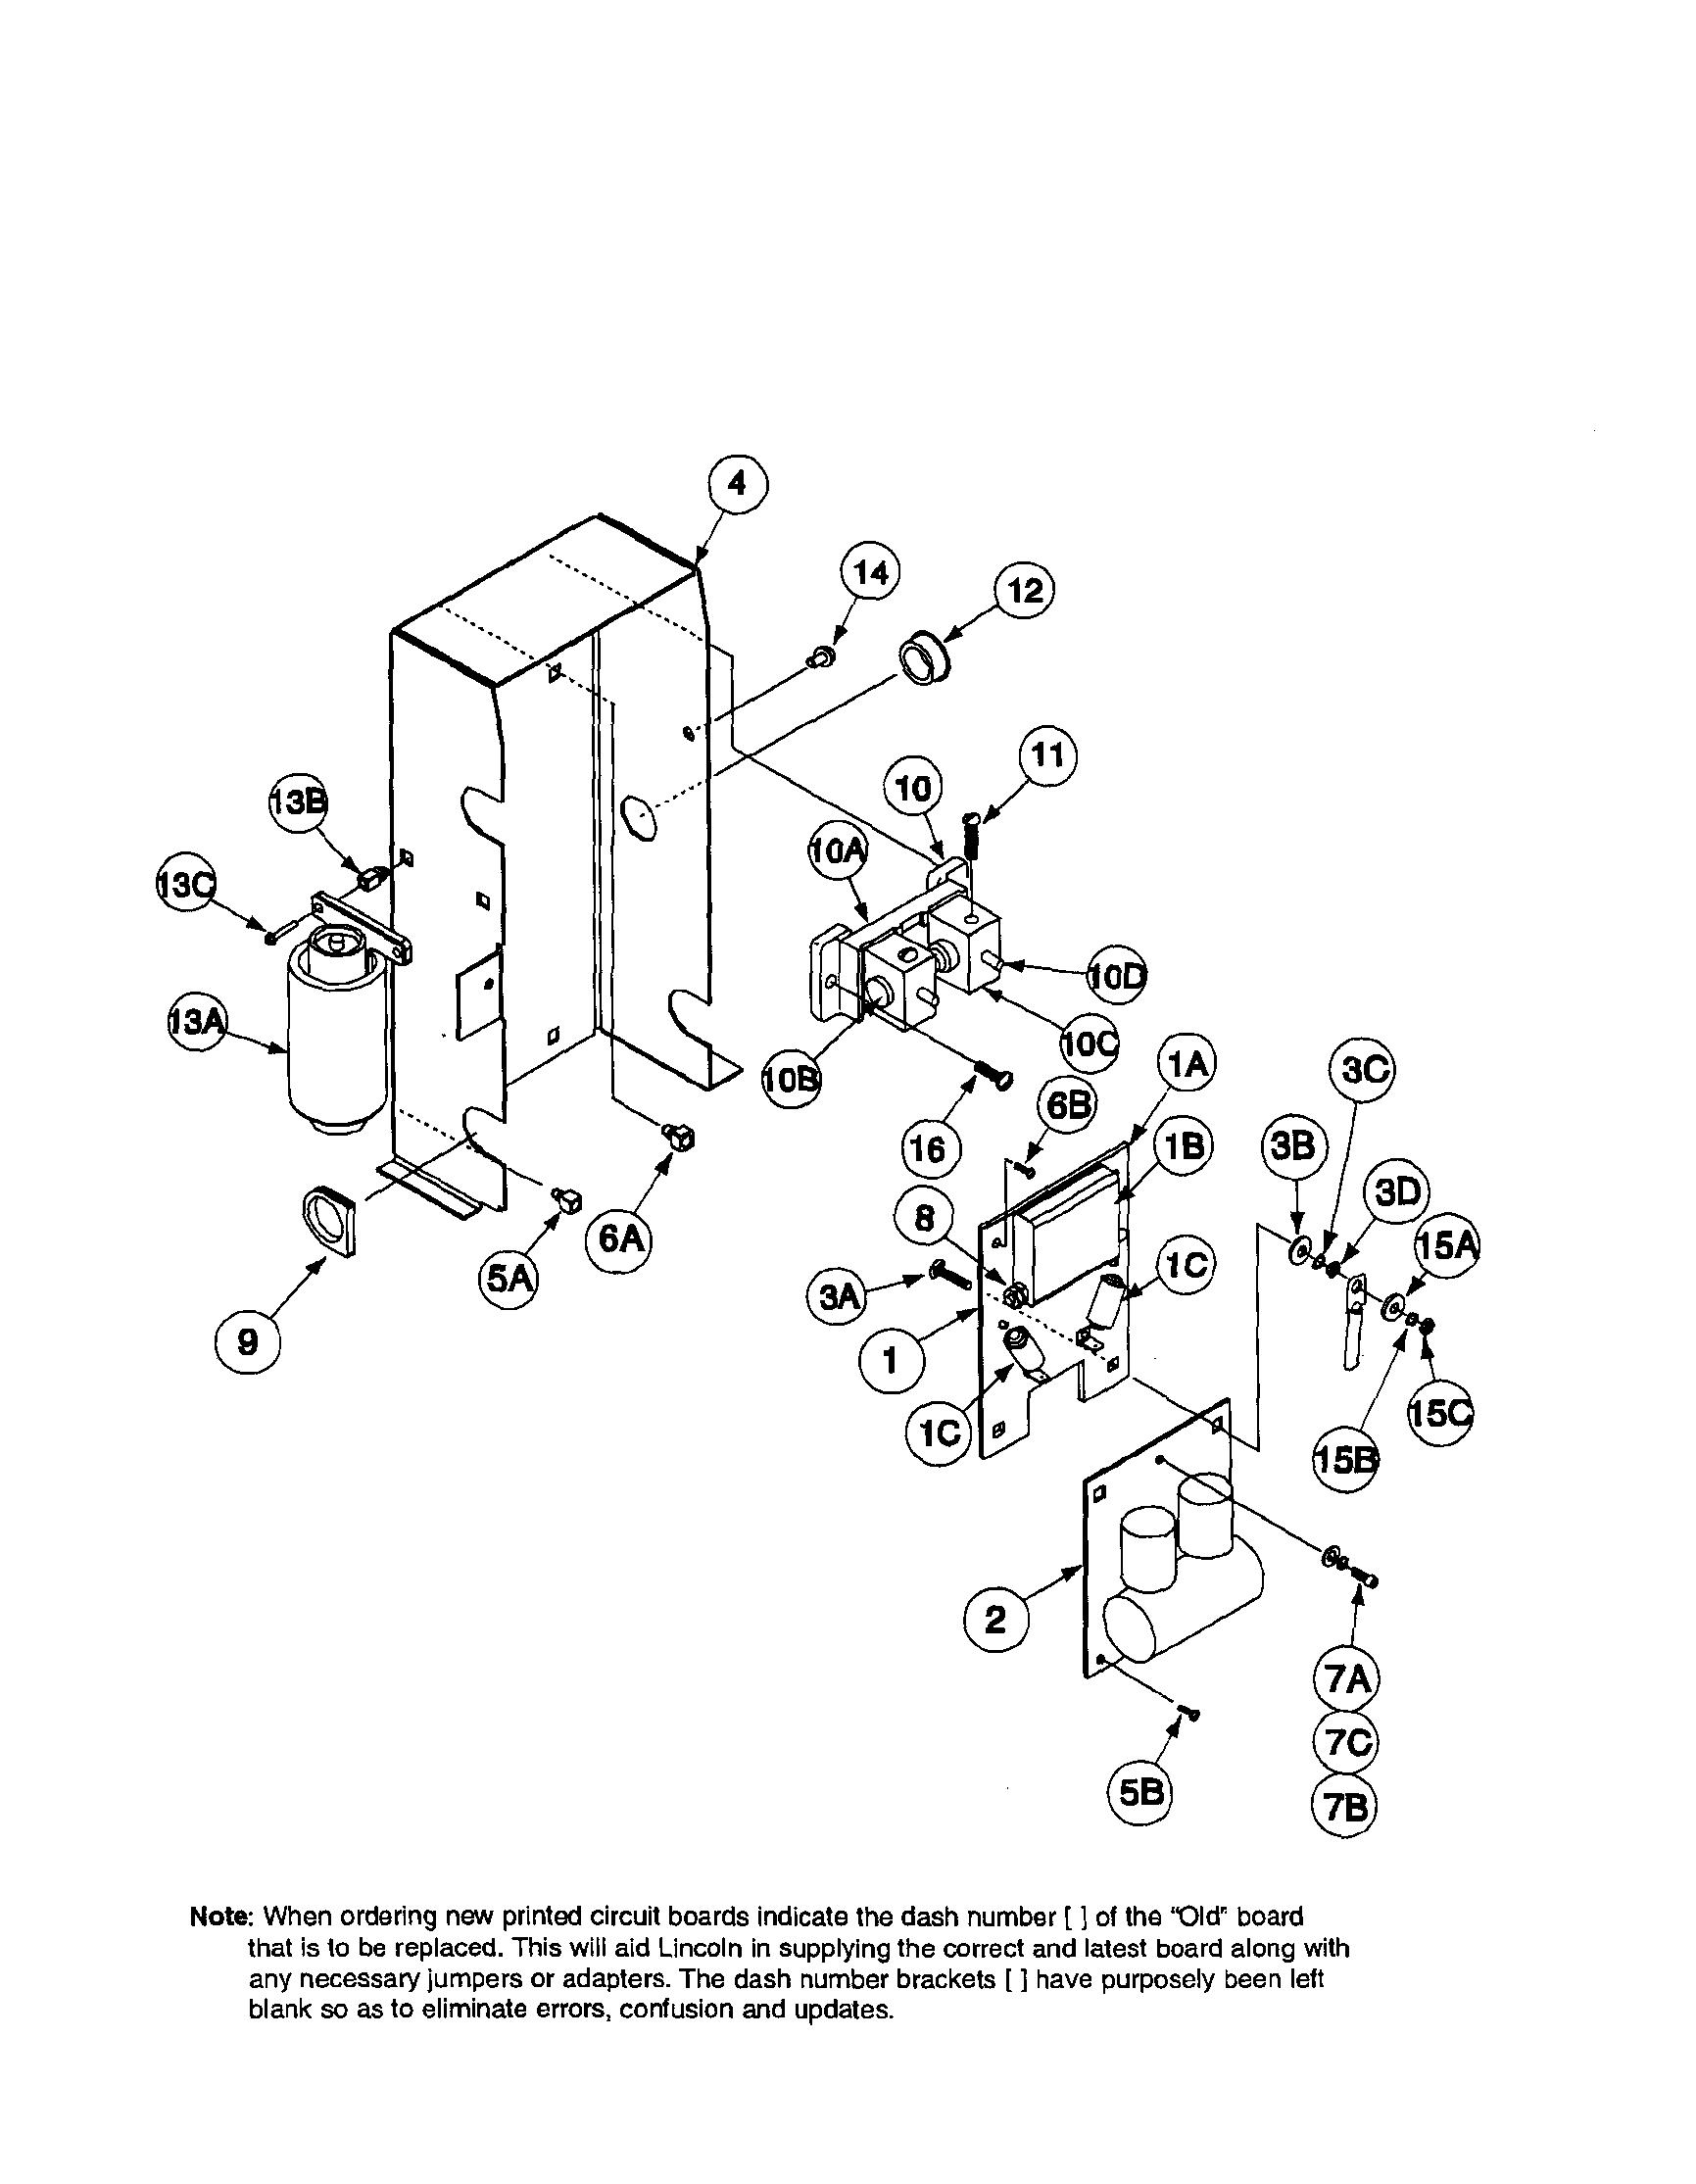 Lincoln precision tig 185 welder parts model precisiontig18511105to11109 sears partsdirect